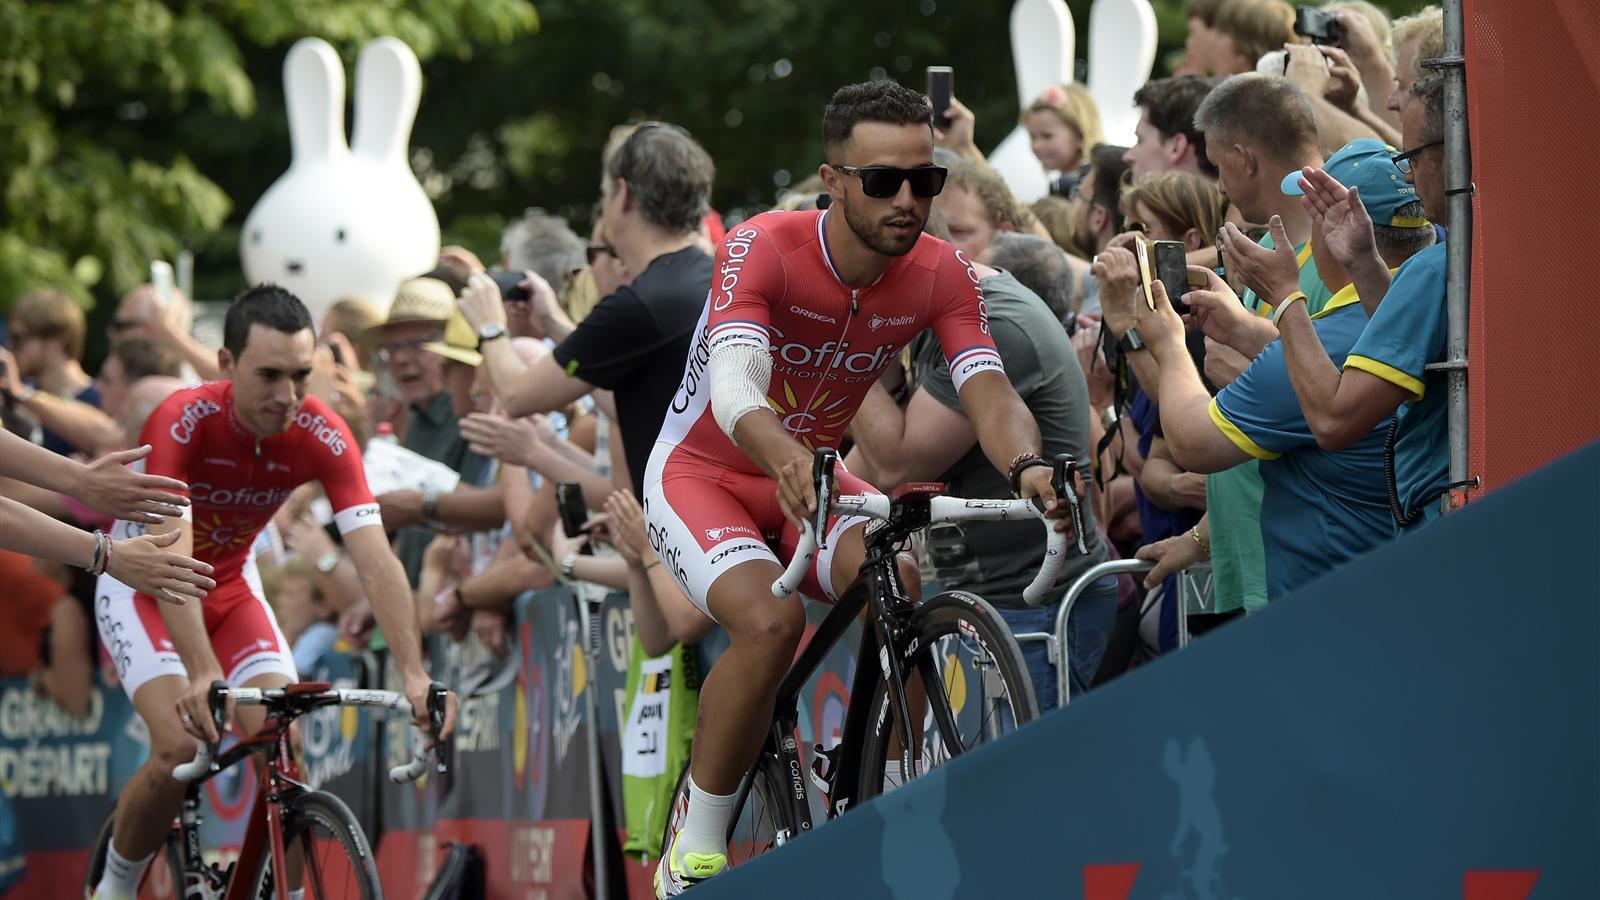 Nacer Bouhanni, atout maître d'une équipe Cofidis venue chercher sur le Tour de France 2015 son premier succès depuis 2008